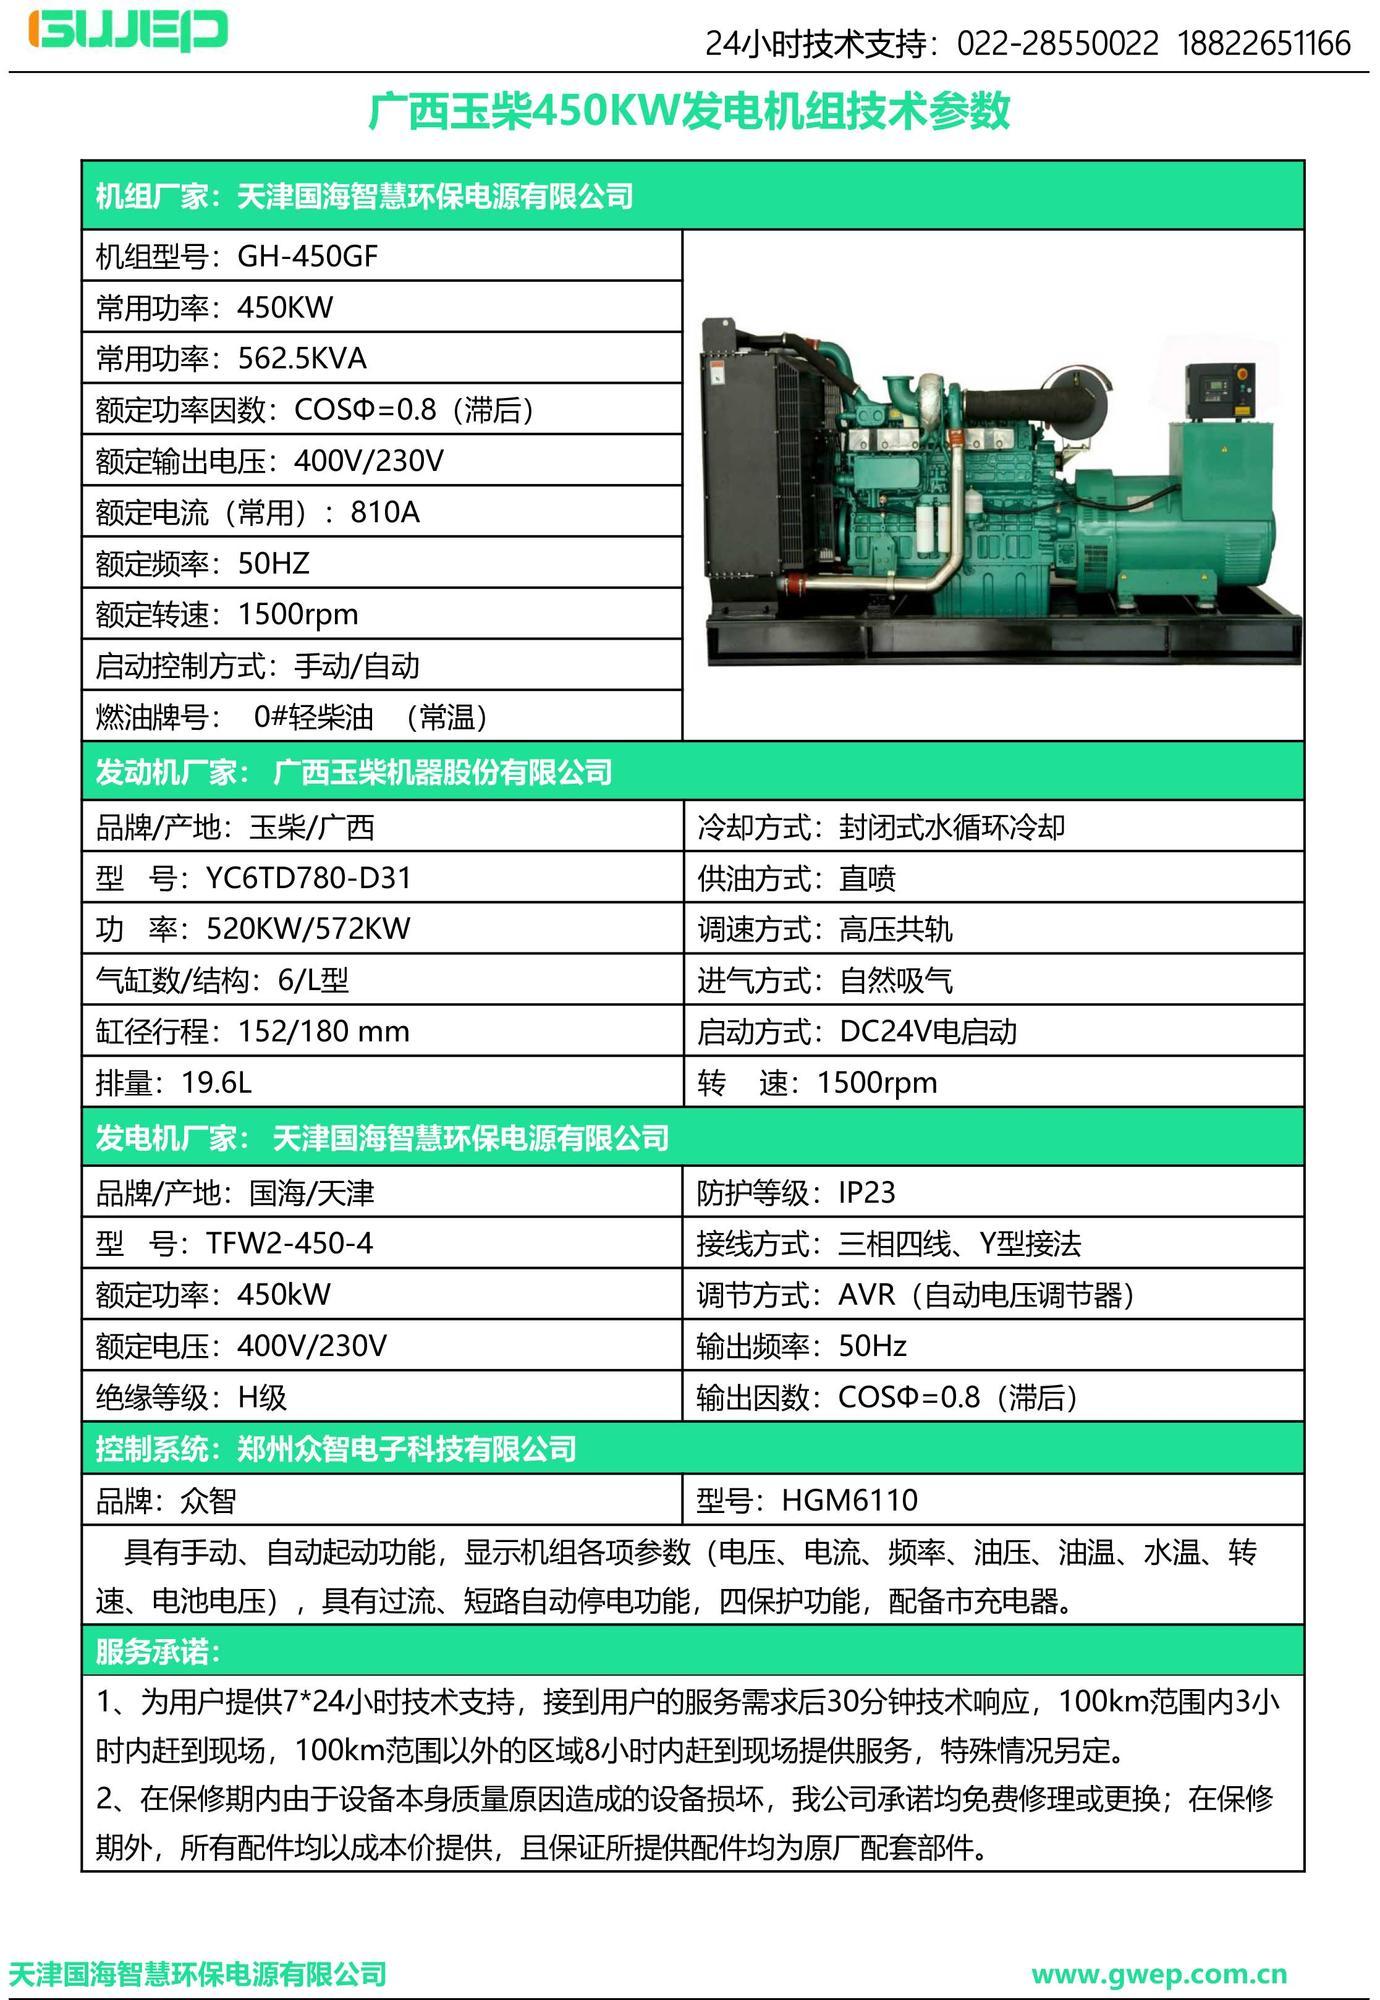 玉柴450KW发电机组技术资料-2.jpg